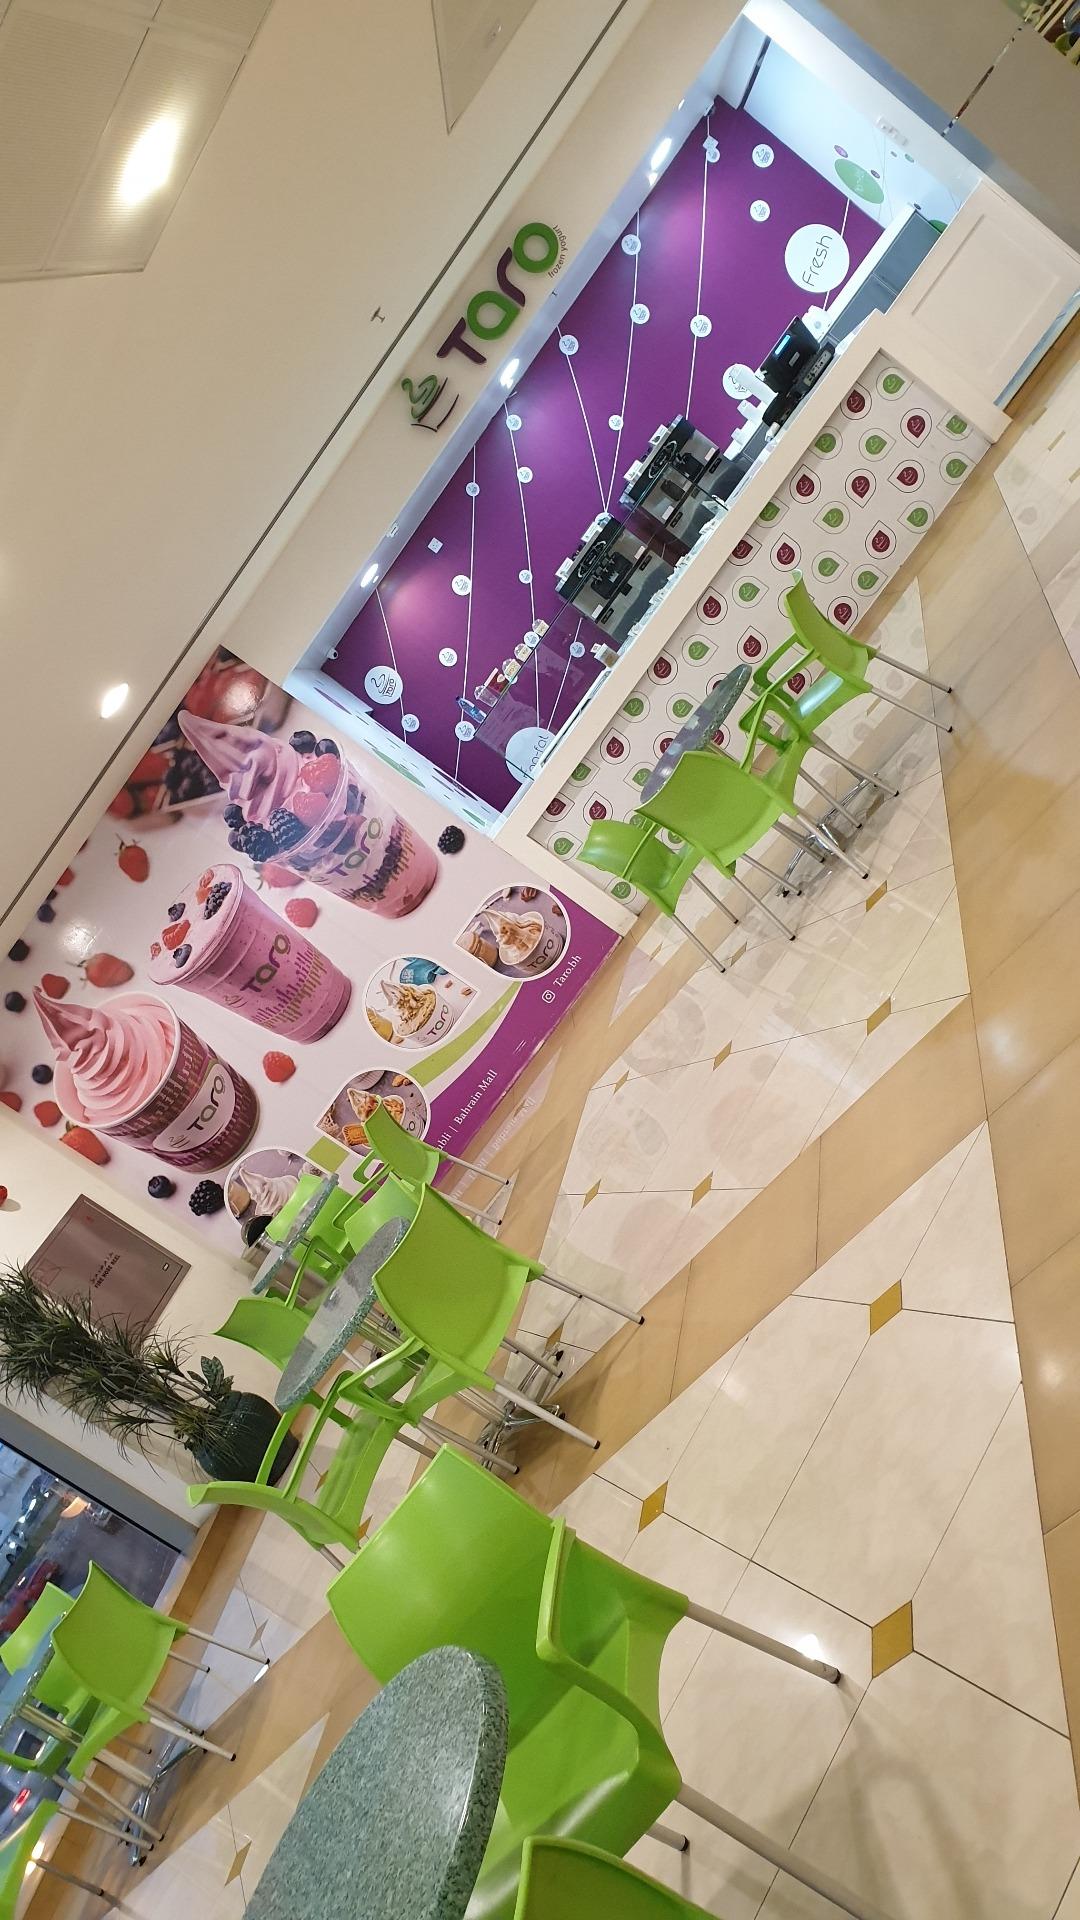 Taro Frozen Yogurt - Bahrain